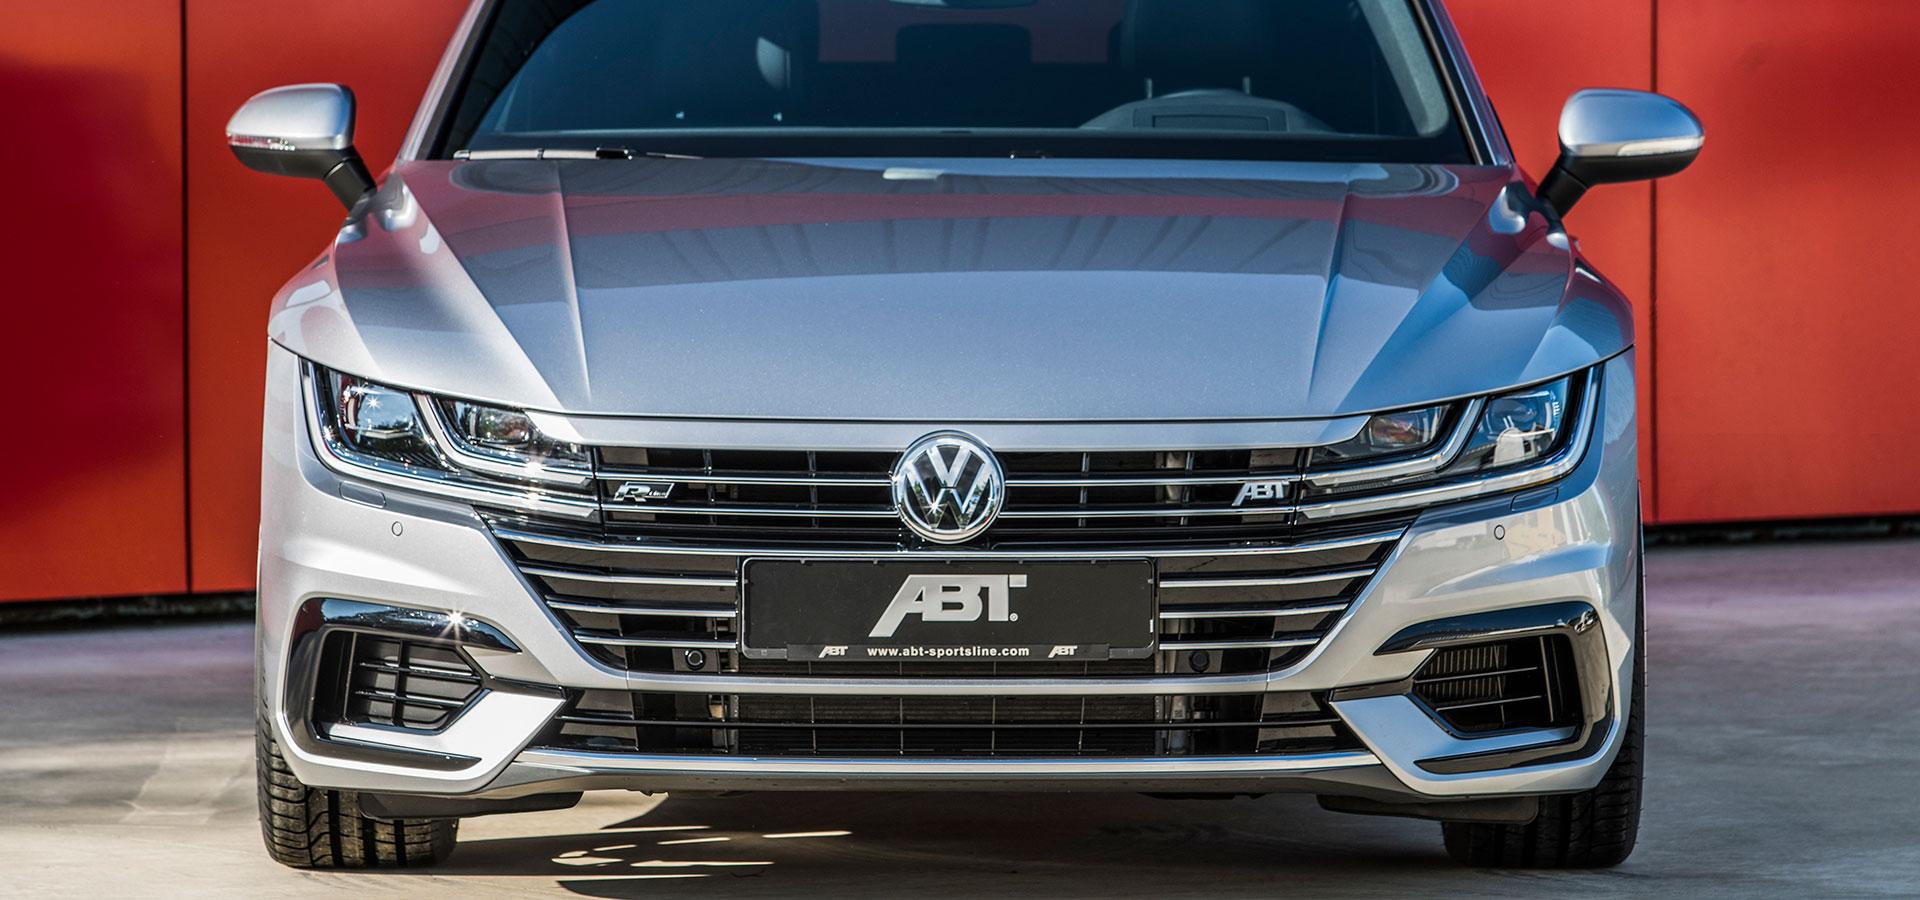 Vw Arteon Abt Sportsline 2015 Audi S5 Engine Diagram Configure Now